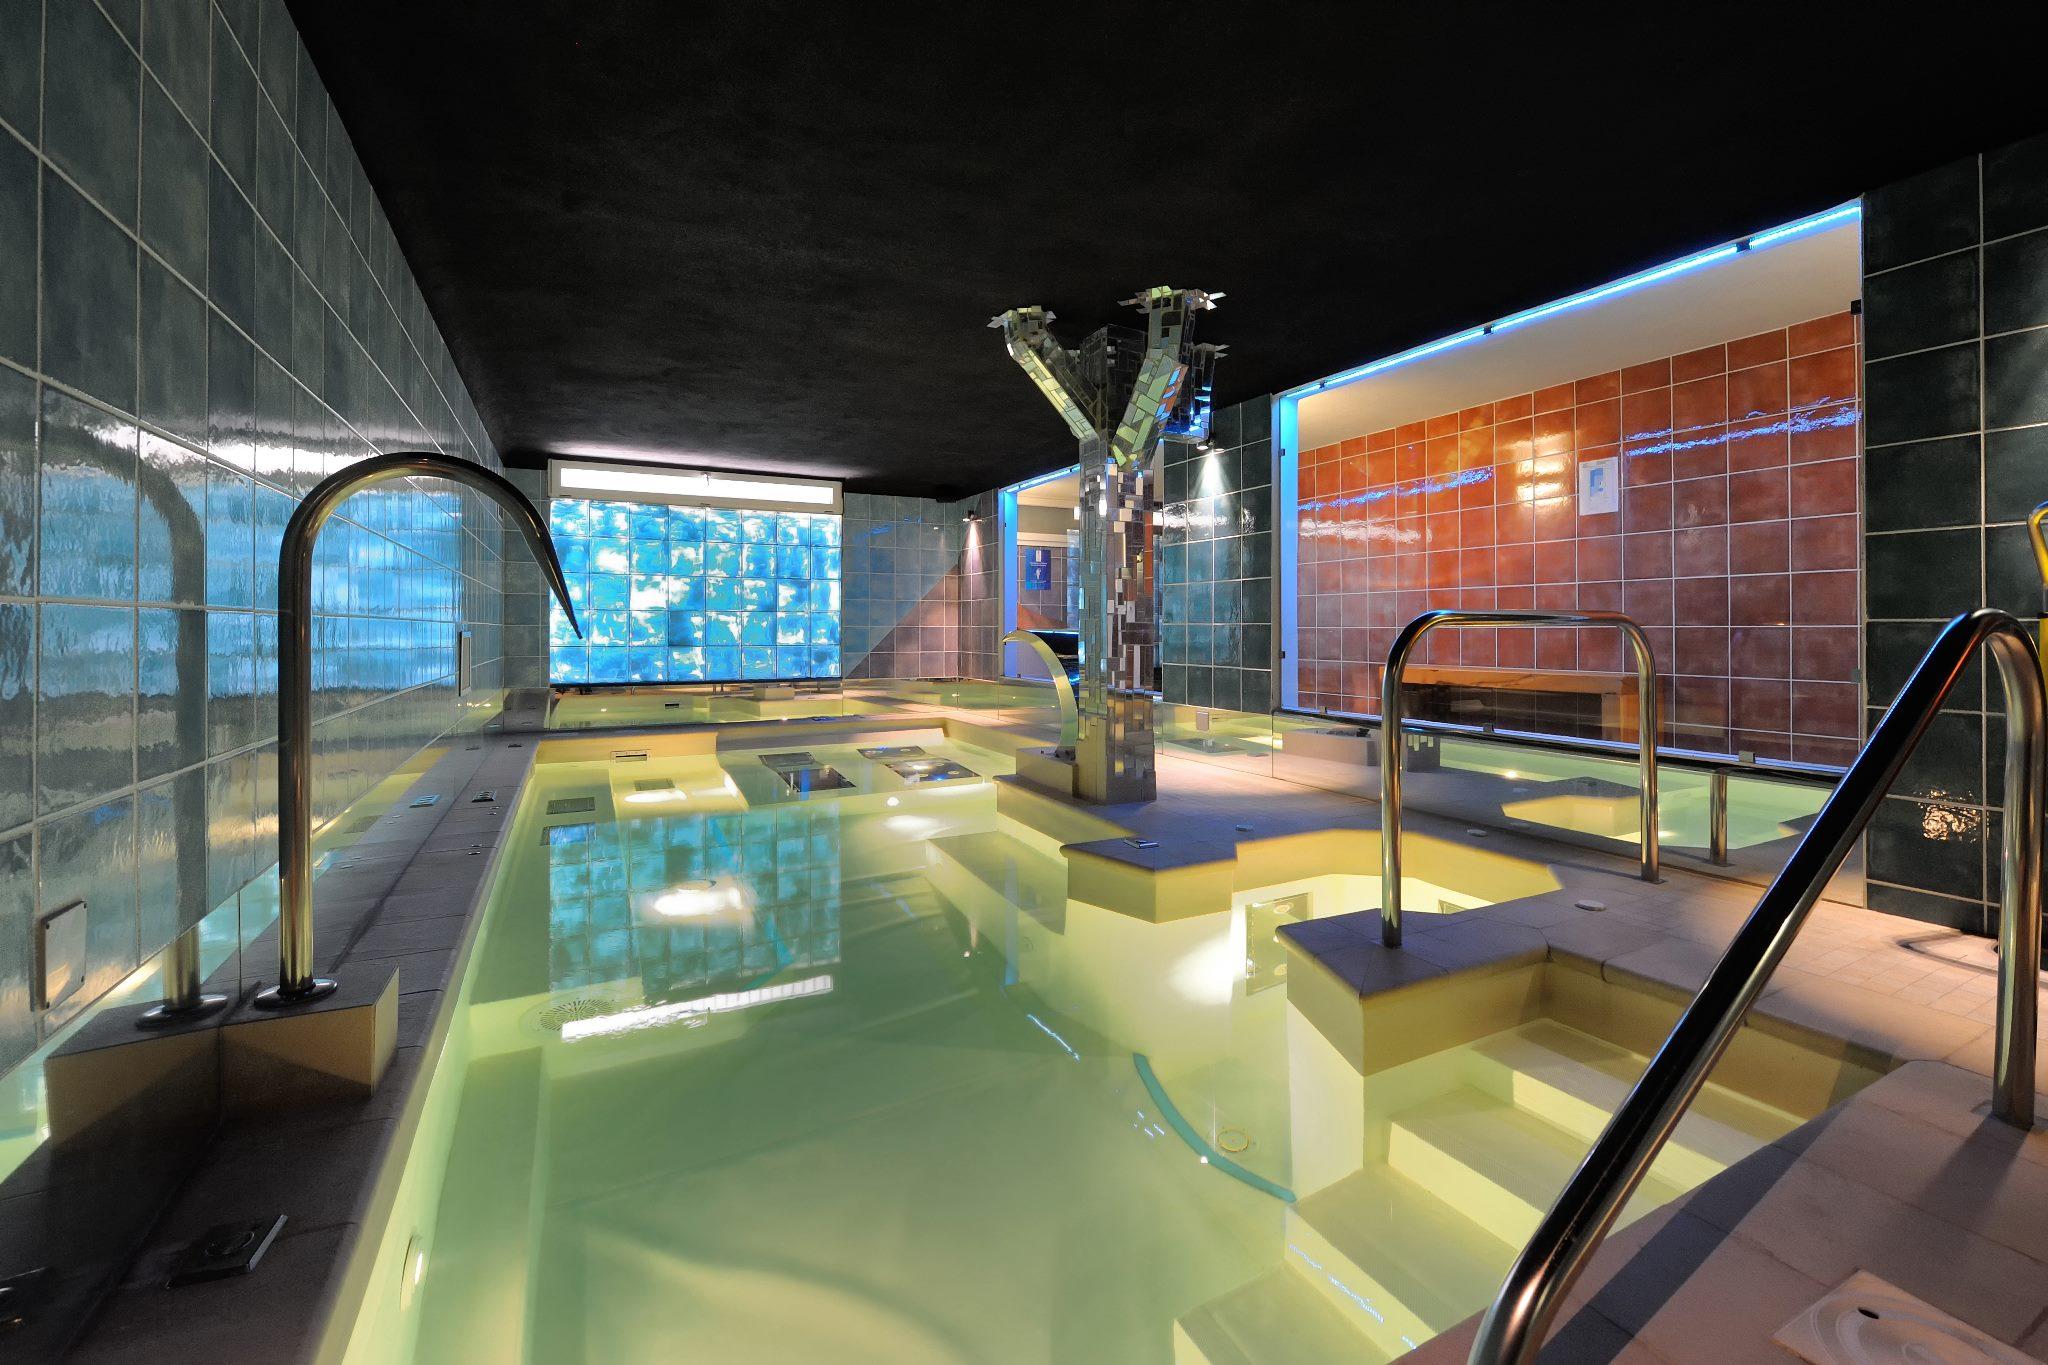 Hotel santoli centro benessere porretta terme bologna for Hotel ortigia con spa